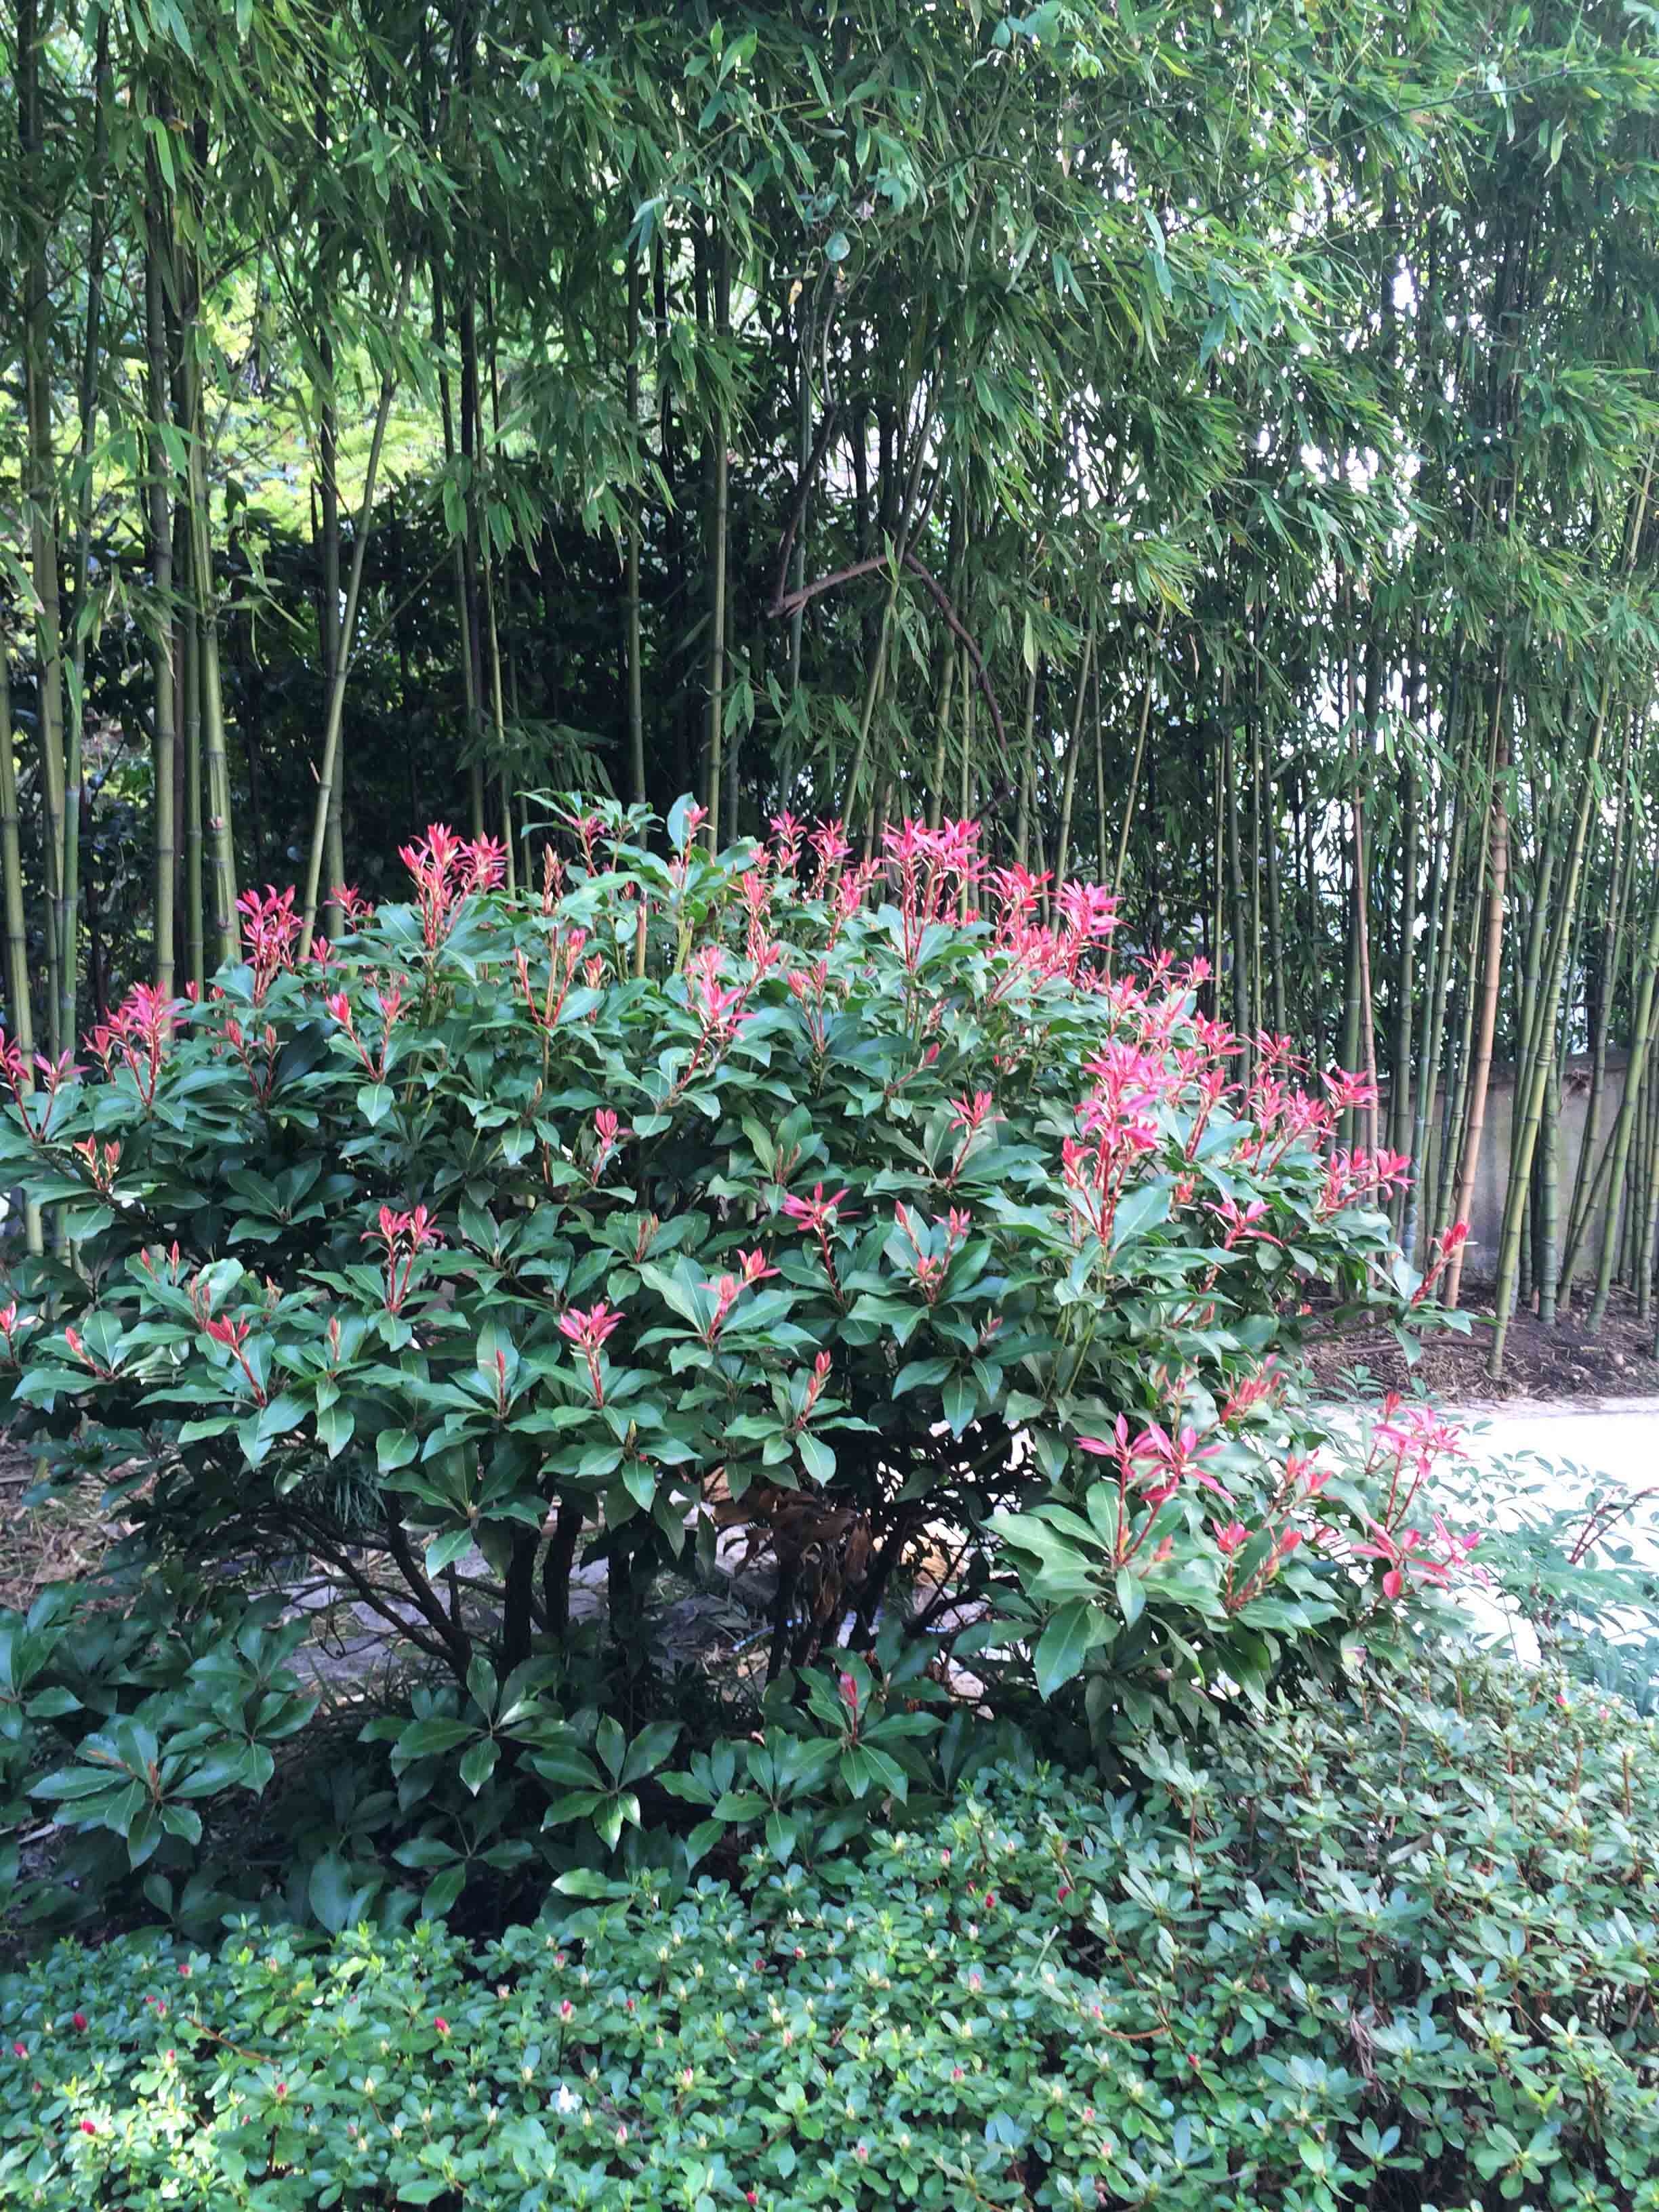 Jardins japonais fleurs de printemps jardins du japon for Fleurs jardin printemps